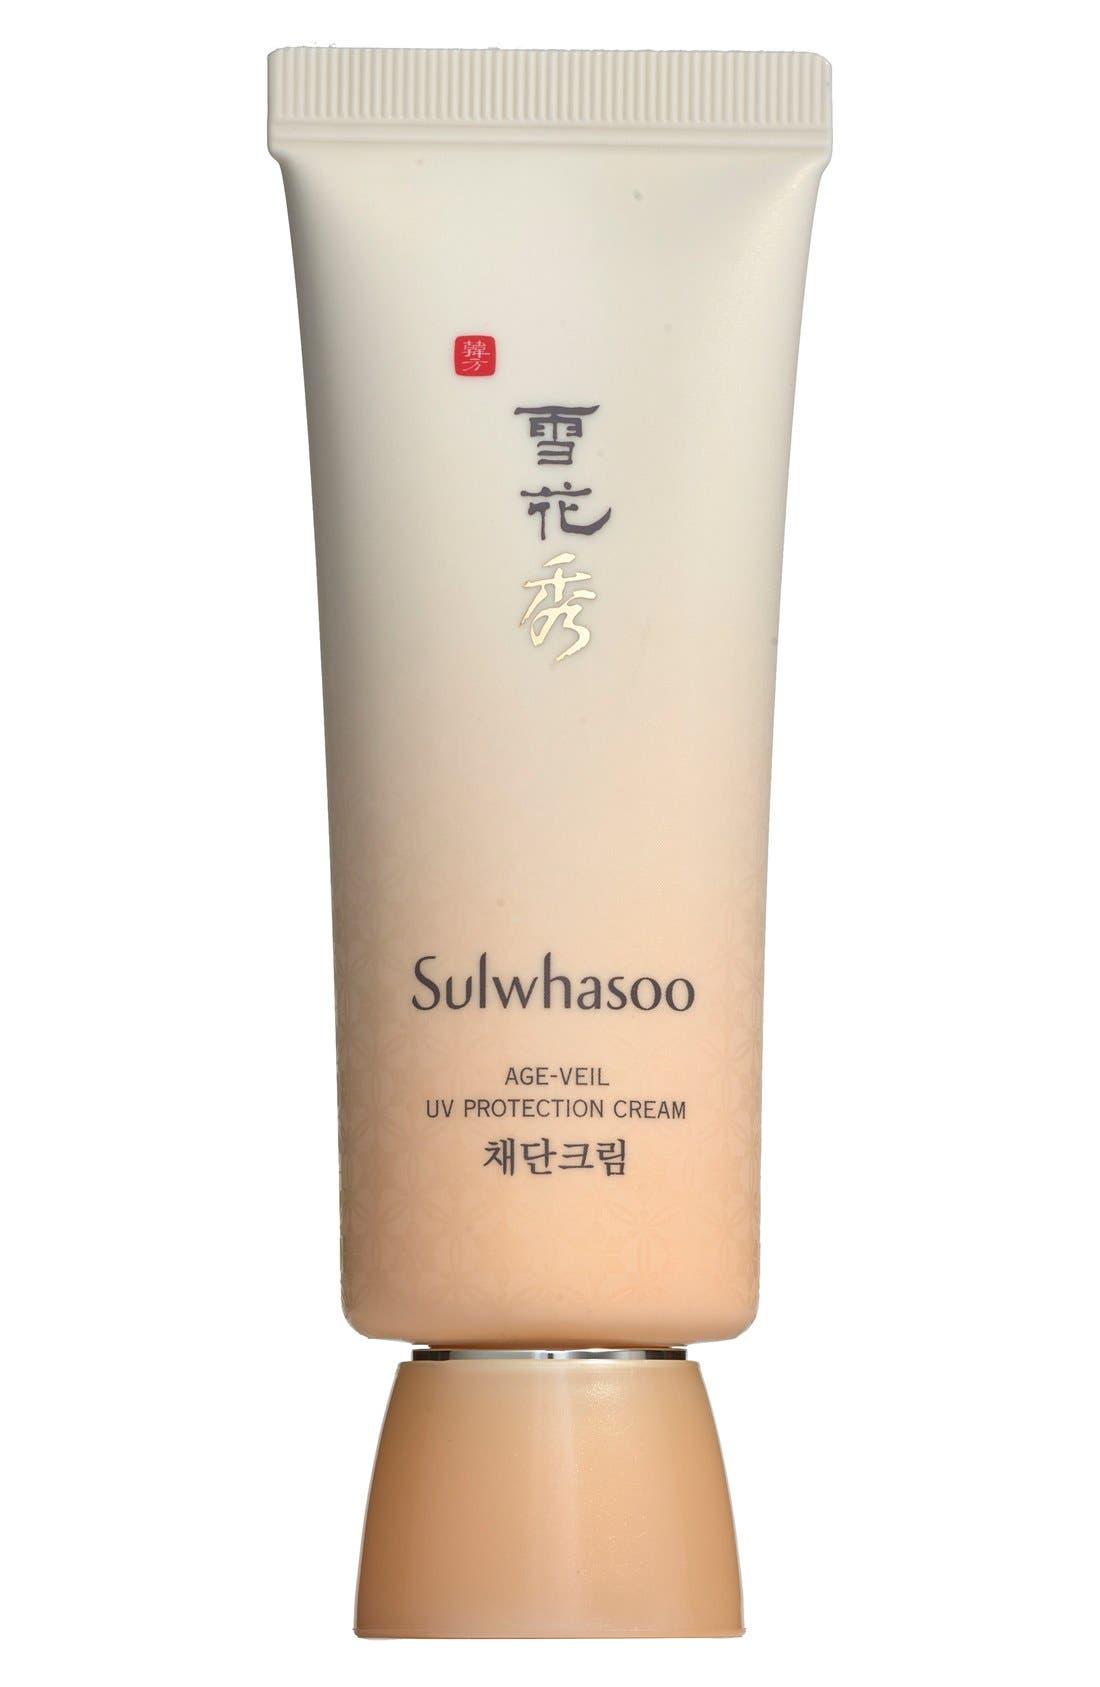 Sulwhasoo 'Age-Veil' UV Protection Cream SPF 30